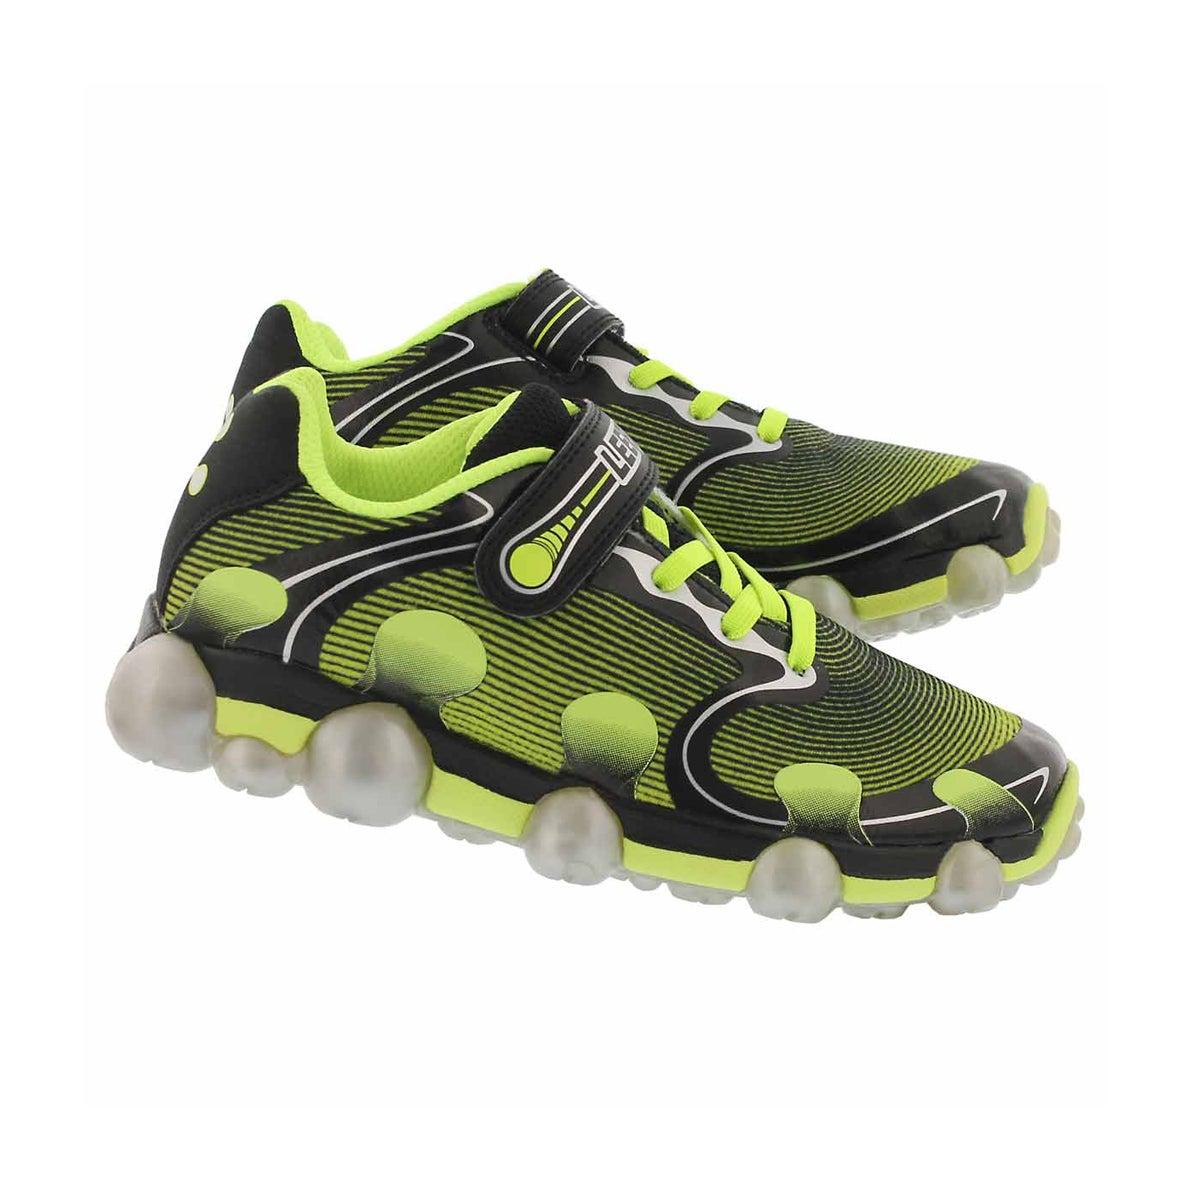 Bys Leepz 2.0 blk/ylw light up sneaker